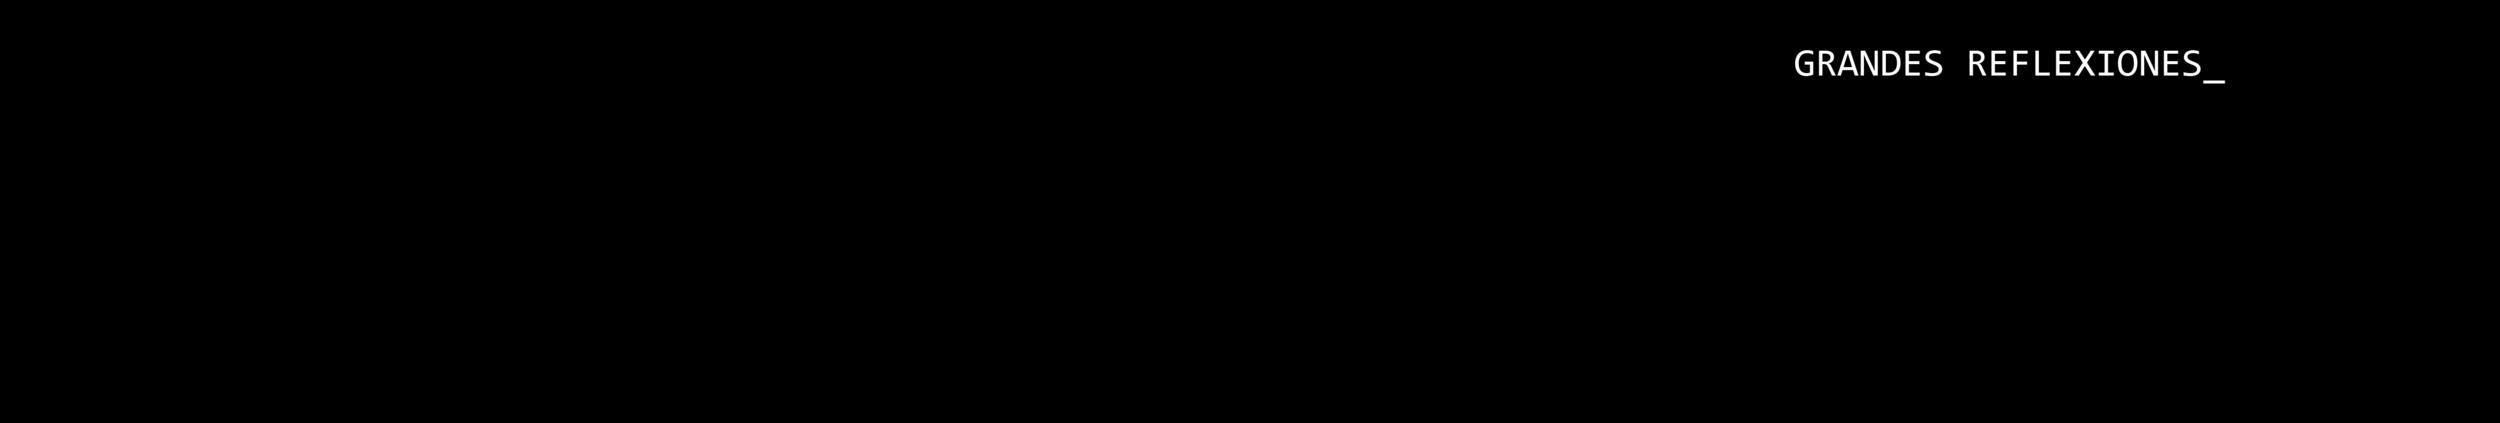 verti banner-53.png